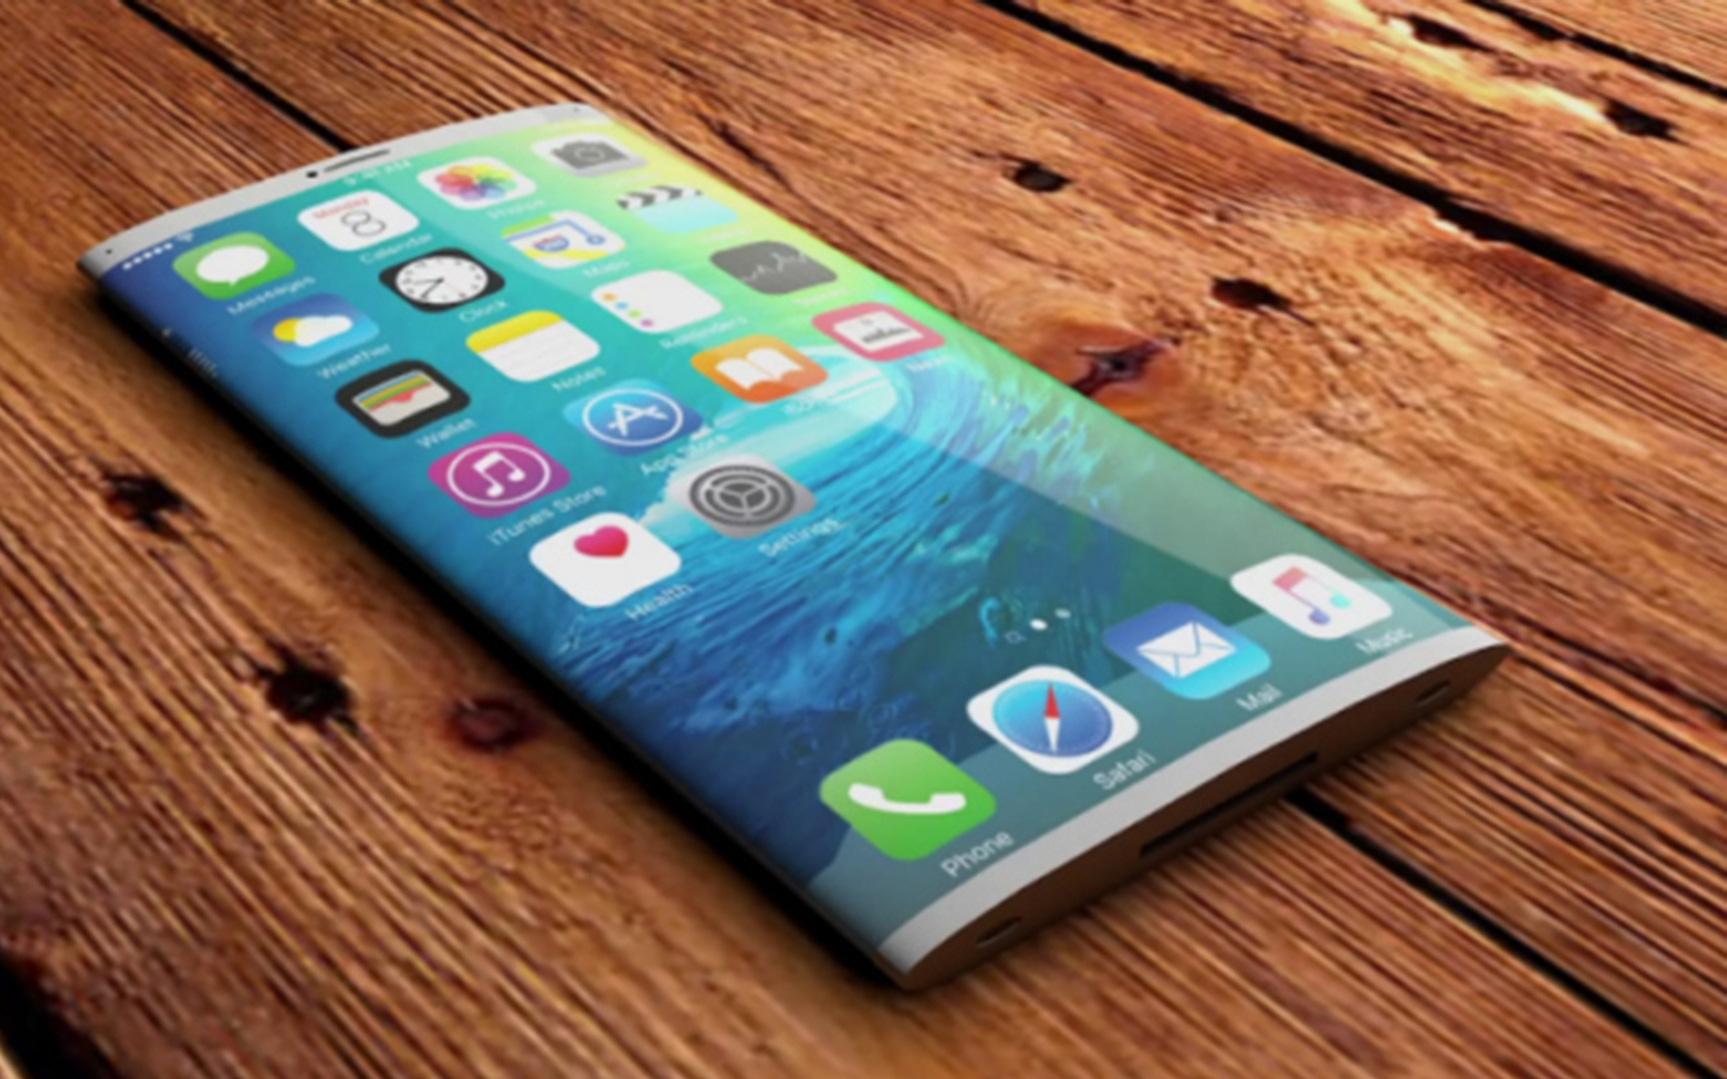 """Lộ thiết kế iPhone cuộn tròn màn hình vô cực, """"hàng độc"""" Apple dành cho tương lai?"""